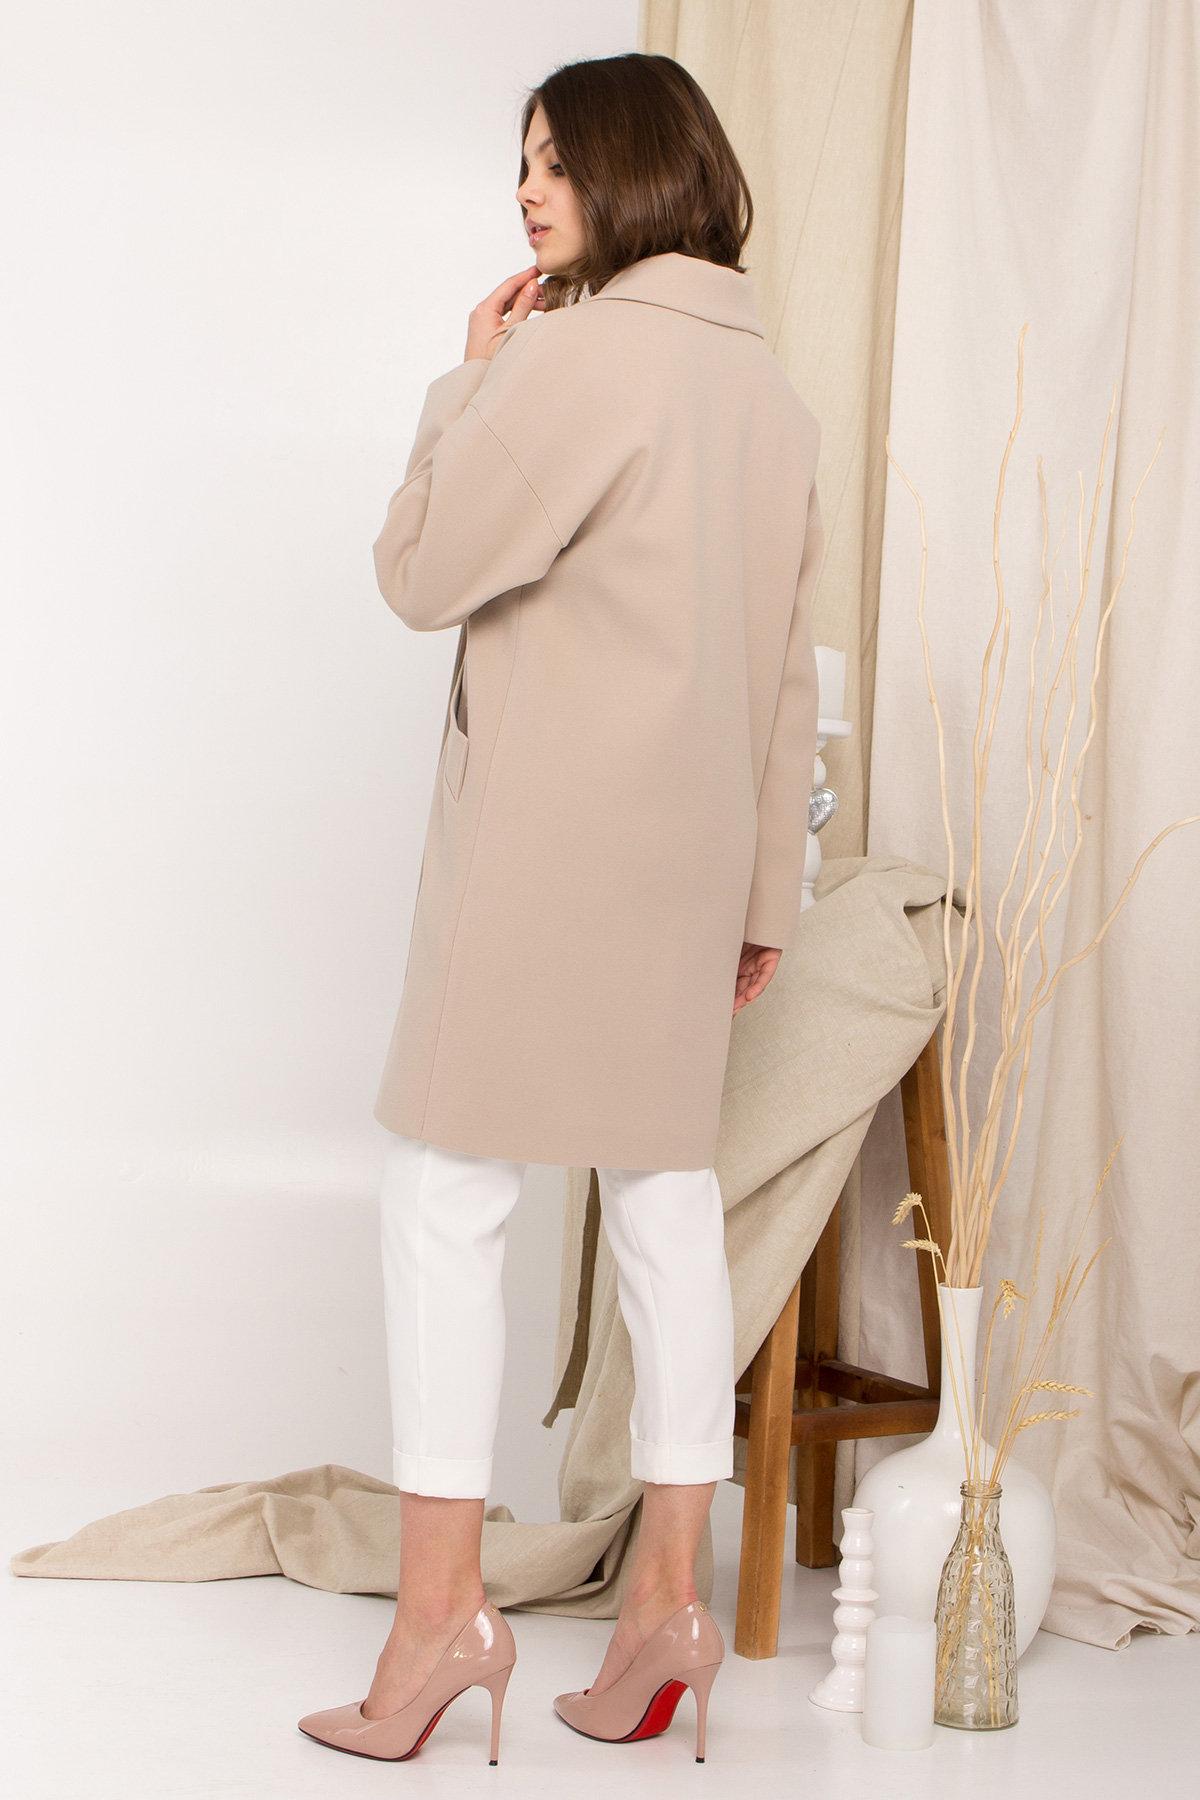 Пальто Сенсей 9006 АРТ. 45312 Цвет: Бежевый - фото 5, интернет магазин tm-modus.ru